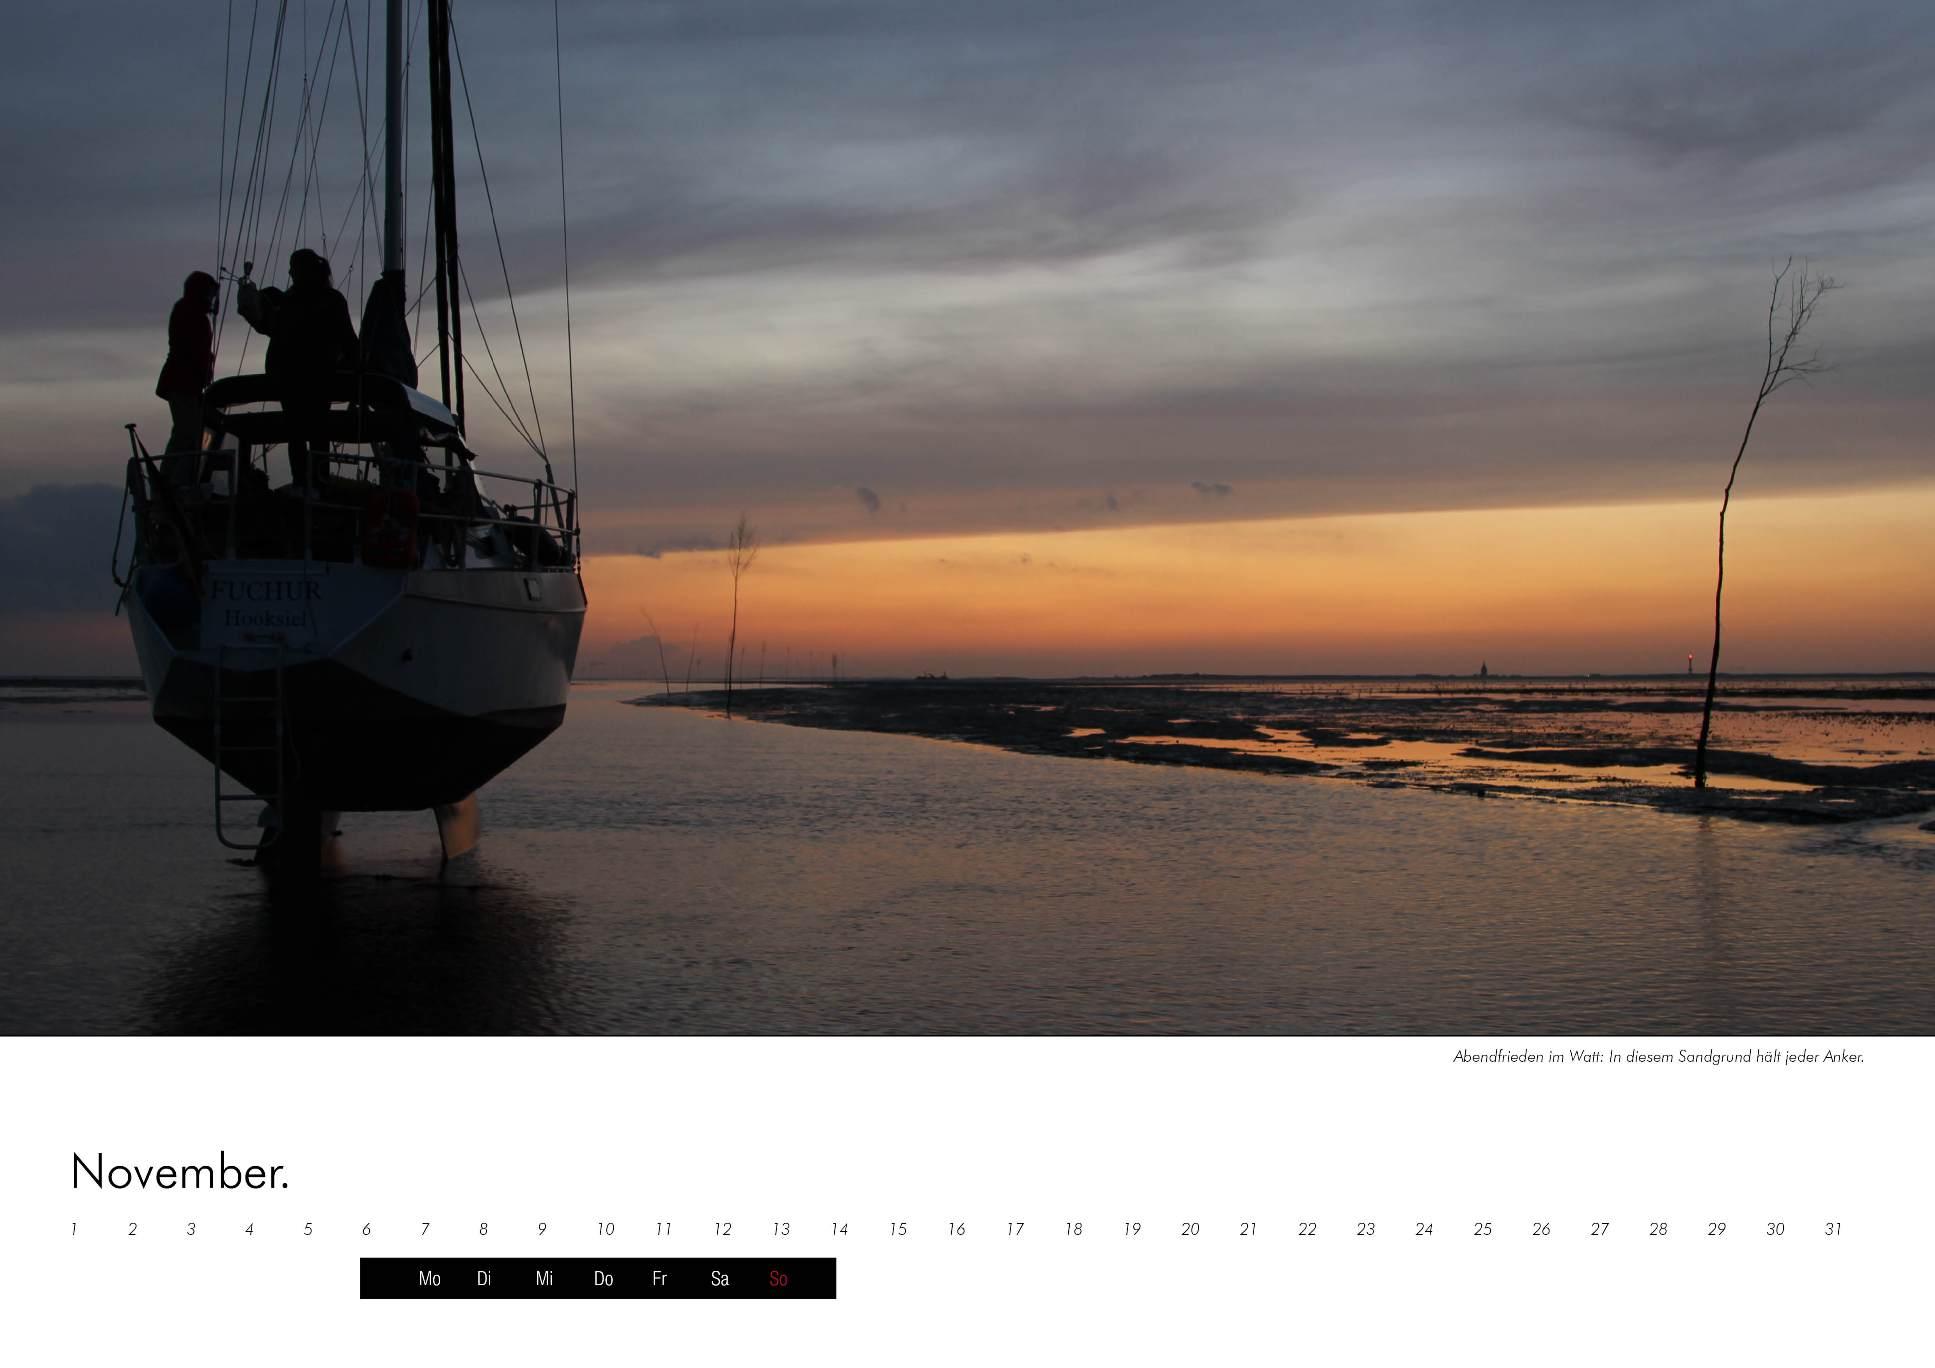 Kalenderbild eines Segelschiffs in den Abendstunden im Wattmeer